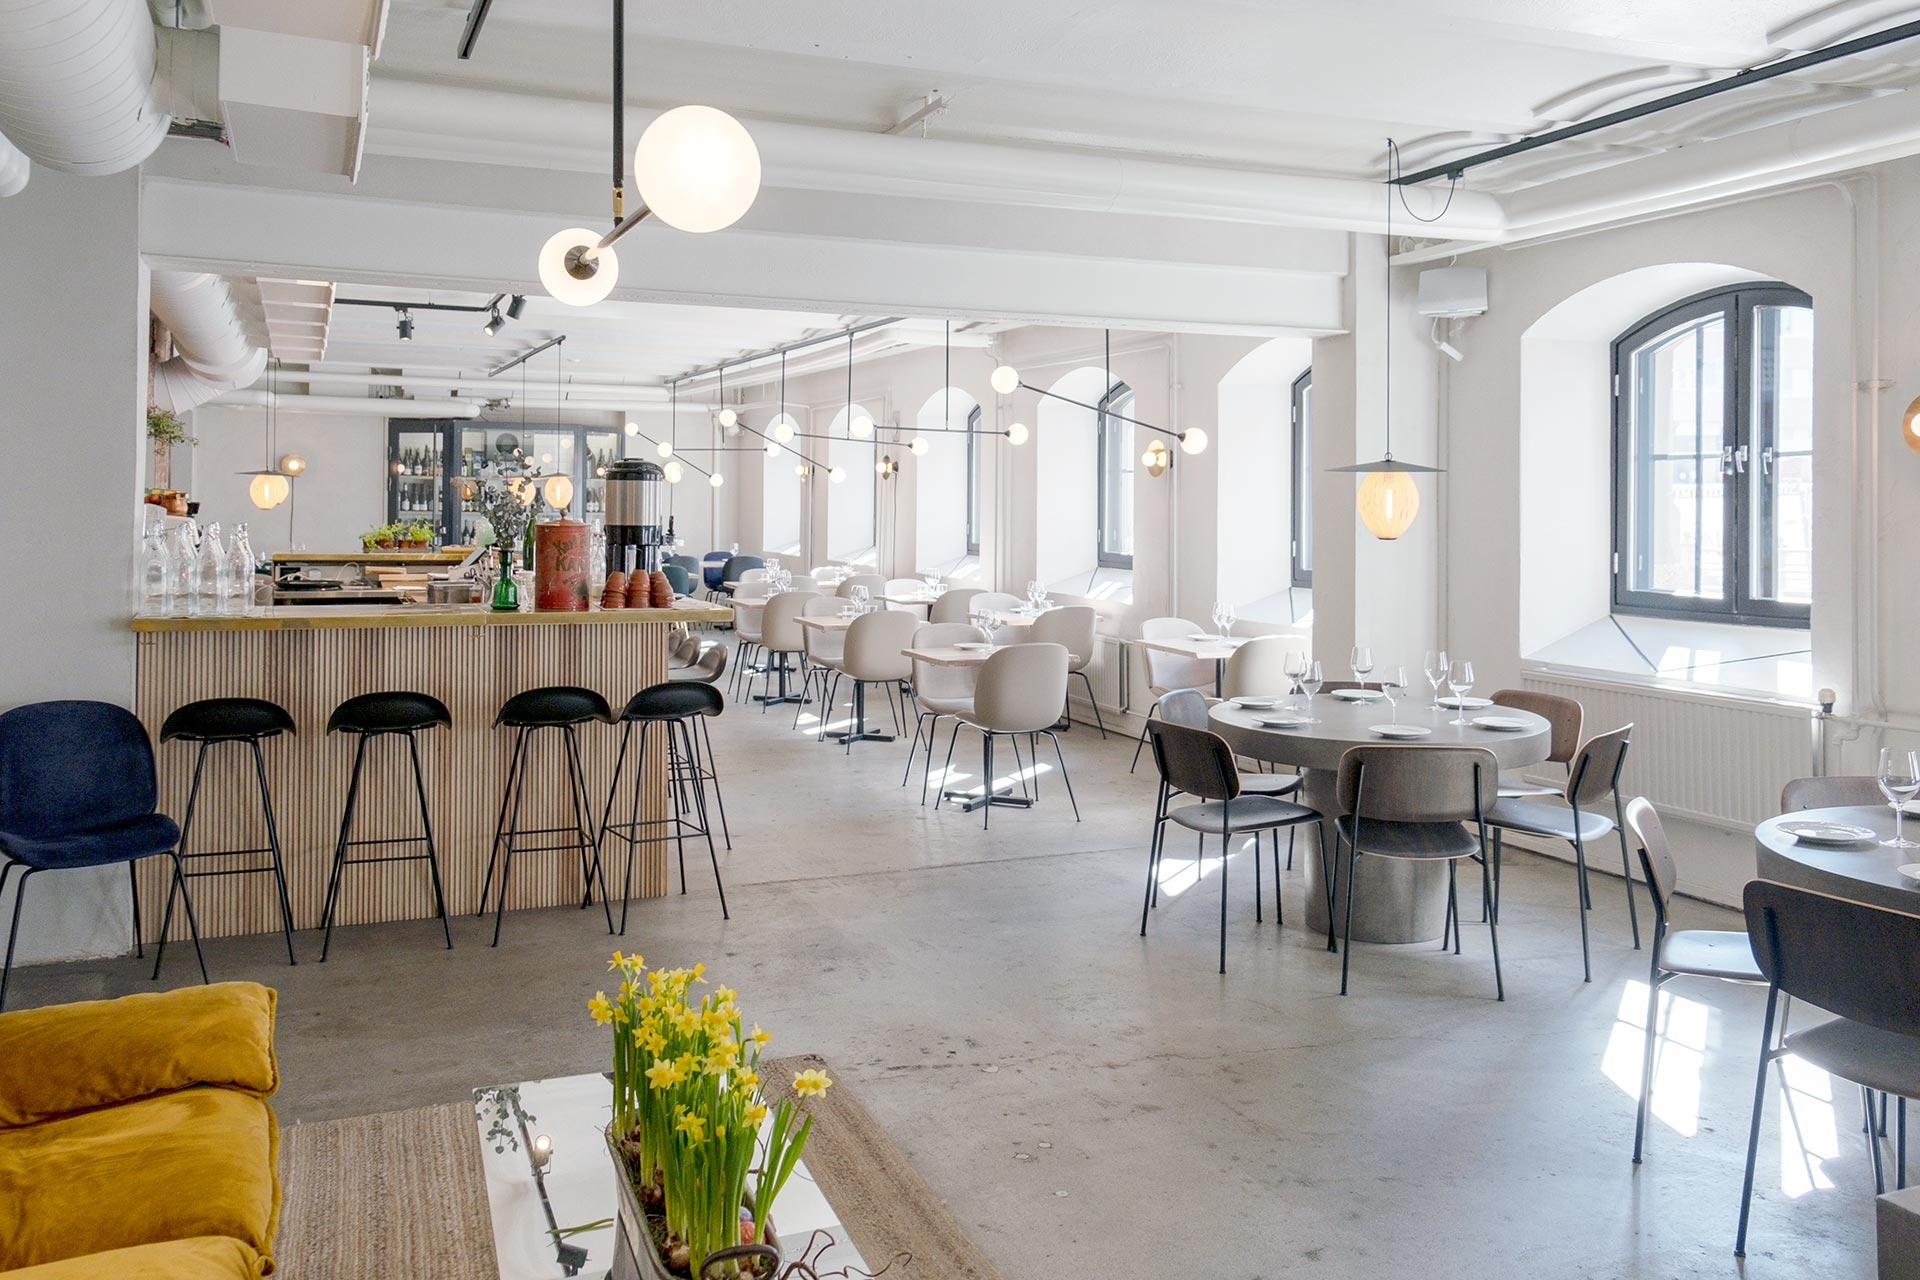 Kitchen & Bar by Maannos © Tuulia Kolehmainen